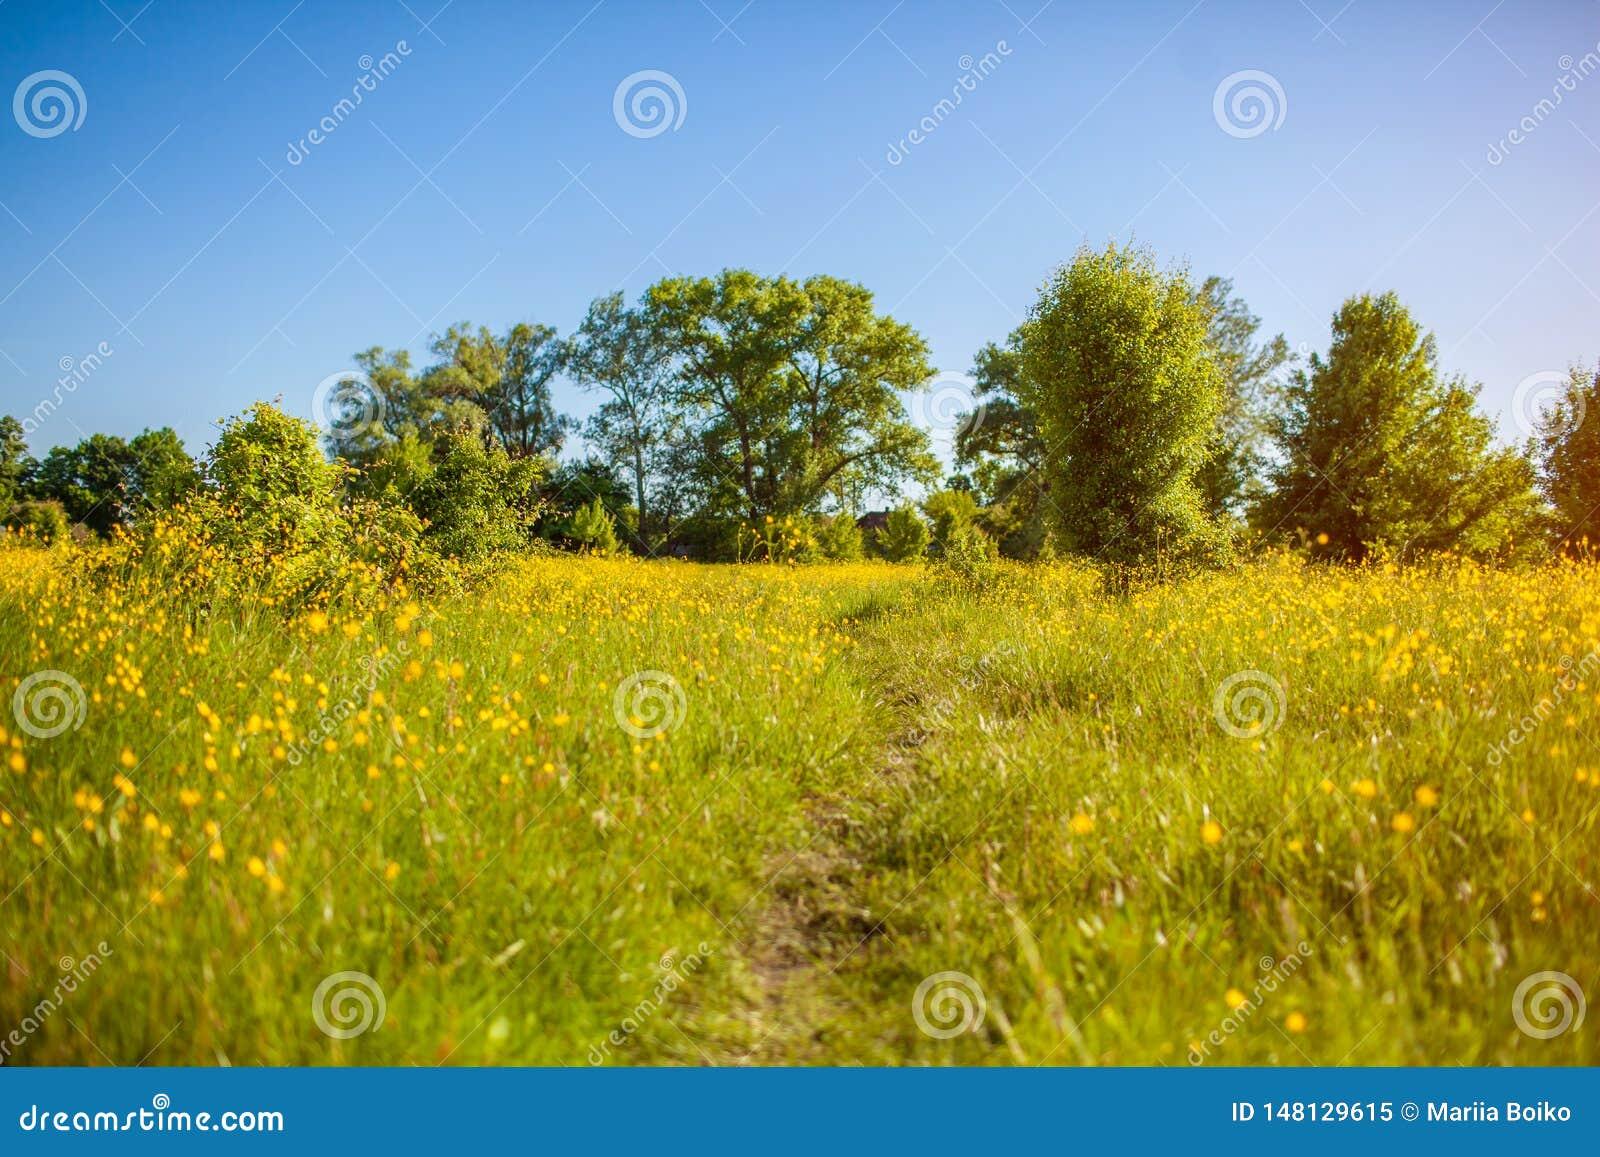 Paesaggio del giacimento della primavera Percorso rurale circondato con erba ed i fiori gialli Sfondo naturale